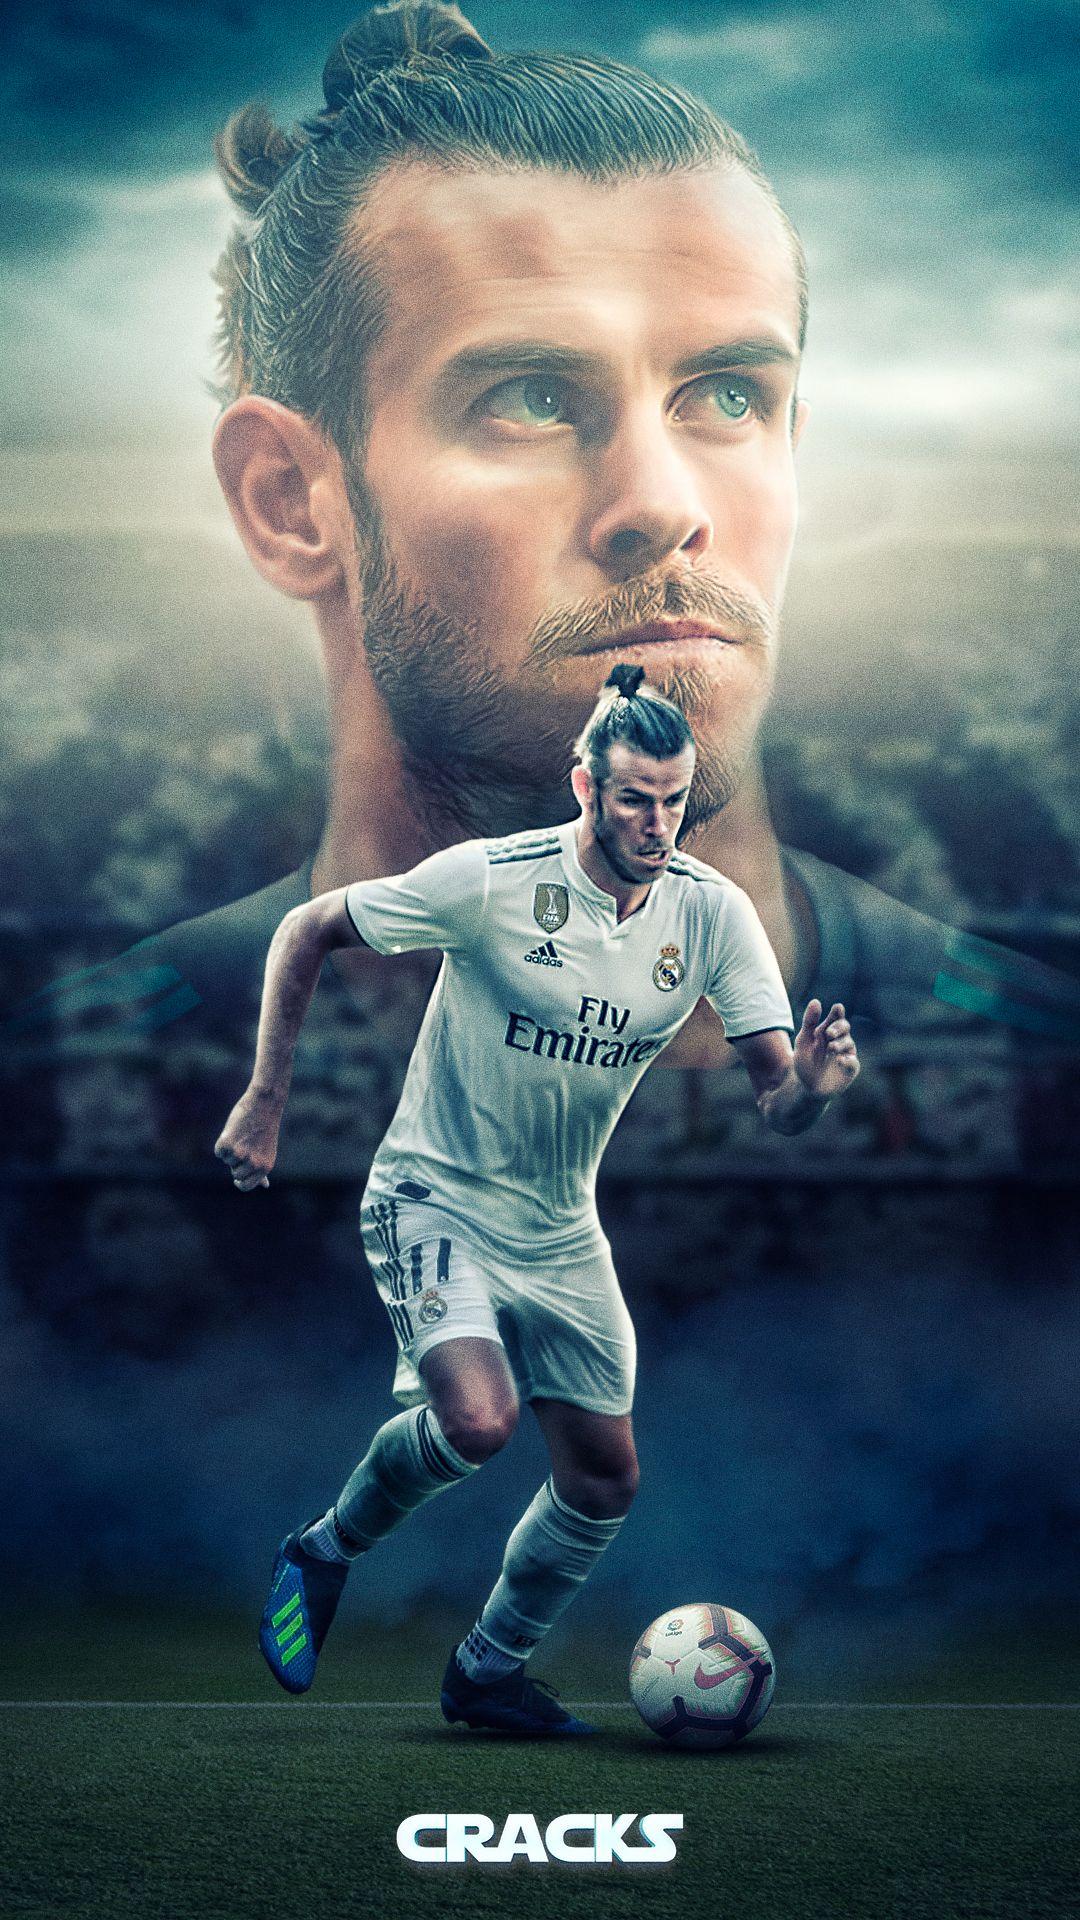 Gareth Bale Football Realmadrid Bale Wales Tottenham Art Fotos De Futbol Imagenes De Futbol Poster De Futbol